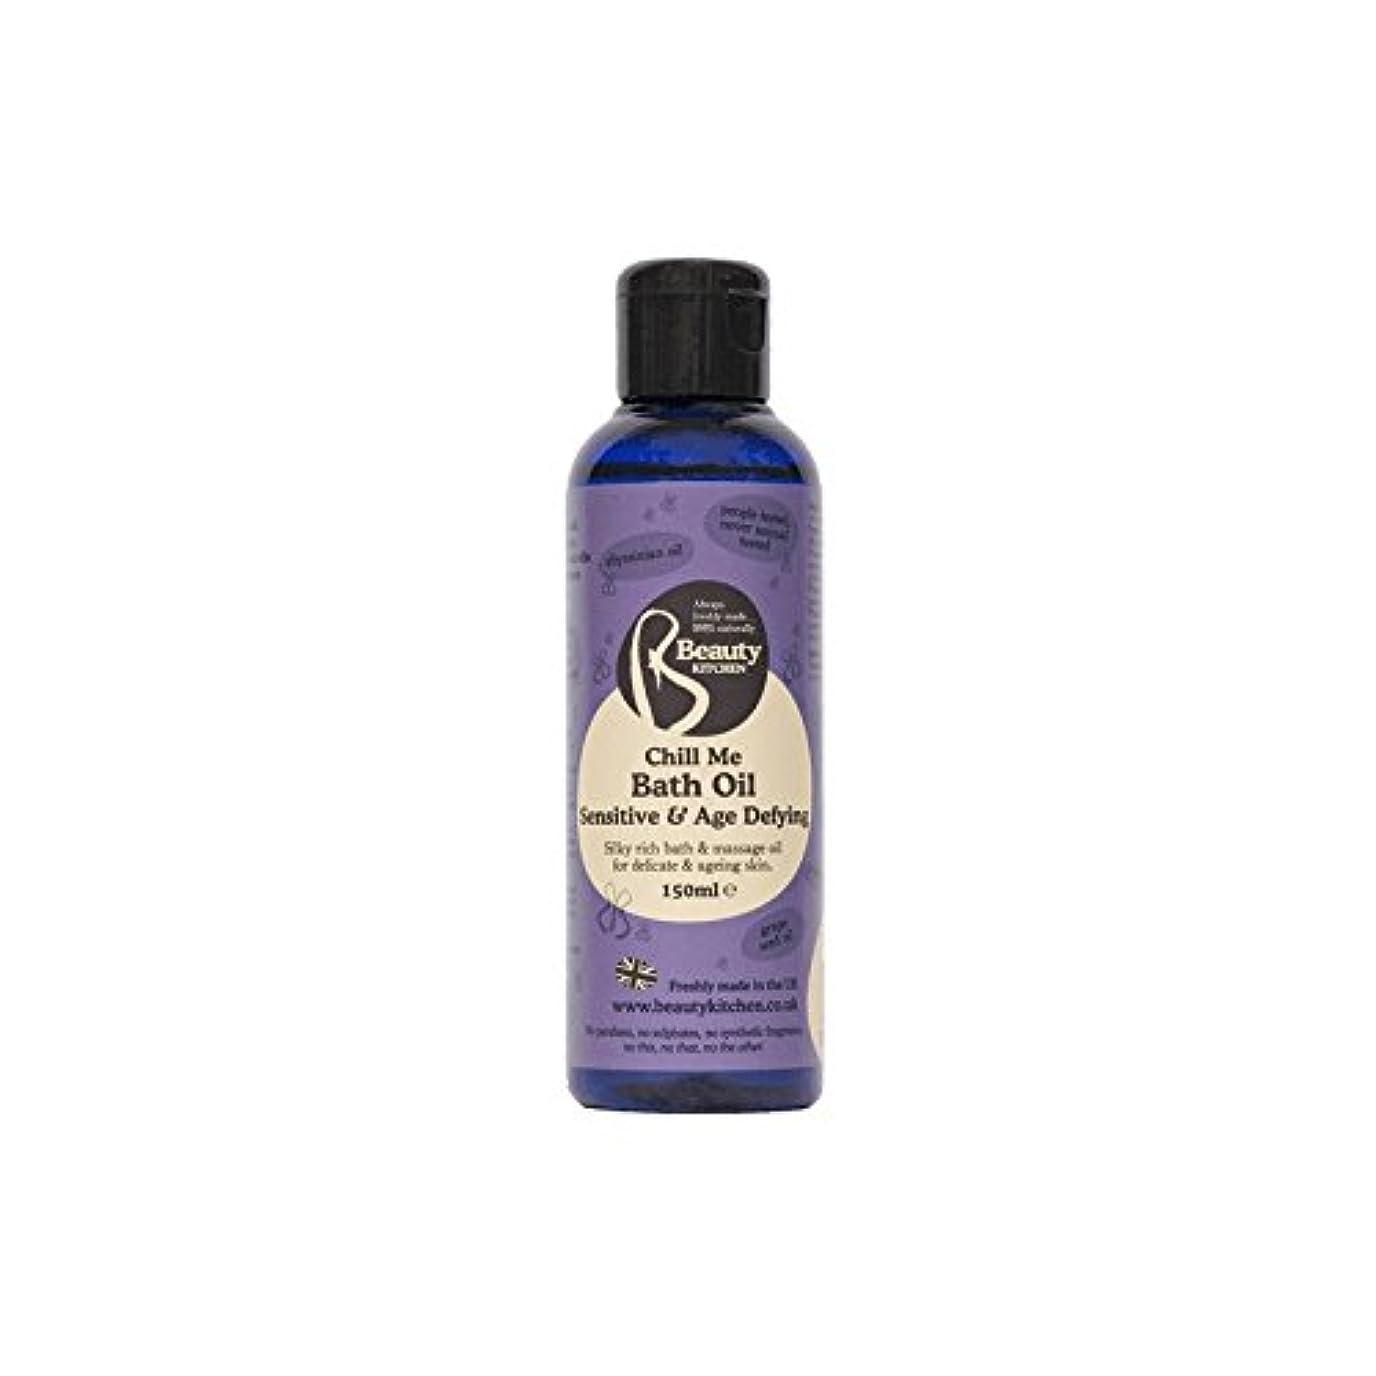 勧告湿度名誉美しさのキッチンは私に敏感&年齢挑むバスオイルの150ミリリットルを冷やします - Beauty Kitchen Chill Me Sensitive & Age Defying Bath Oil 150ml (Beauty...